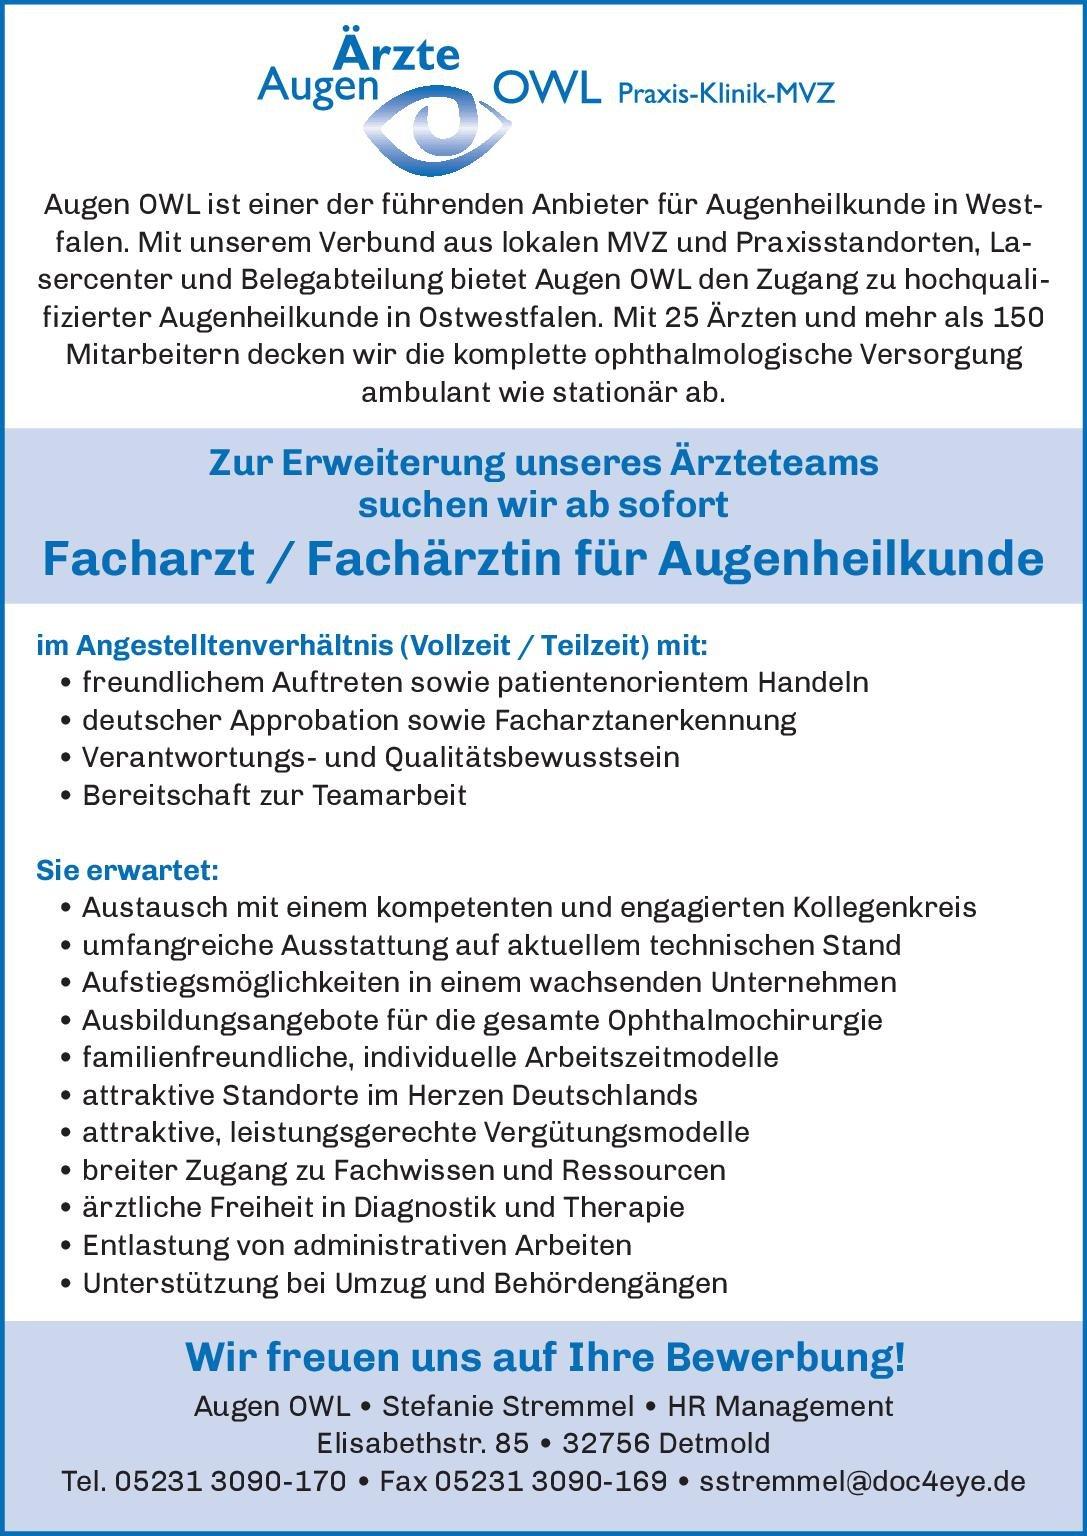 Augen Ärzte OWL Facharzt / Fachärztin für Augenheilkunde Augenheilkunde Arzt / Facharzt